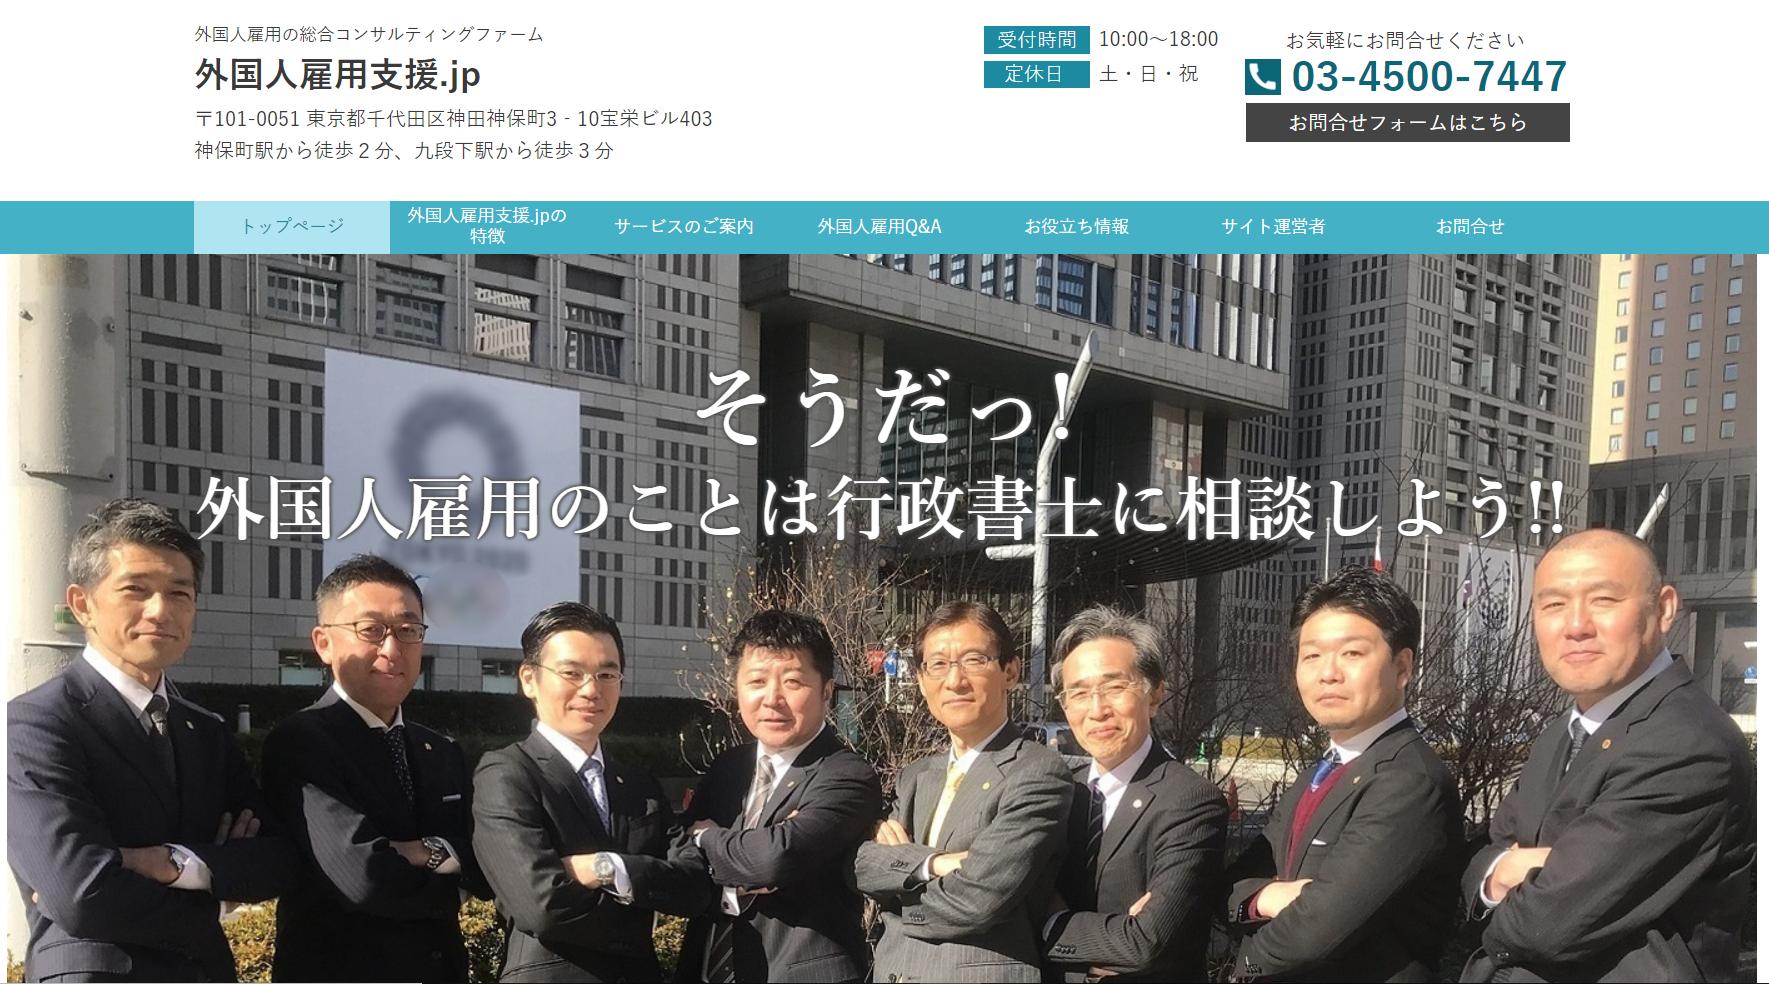 外国人雇用支援.jpの採用HPです